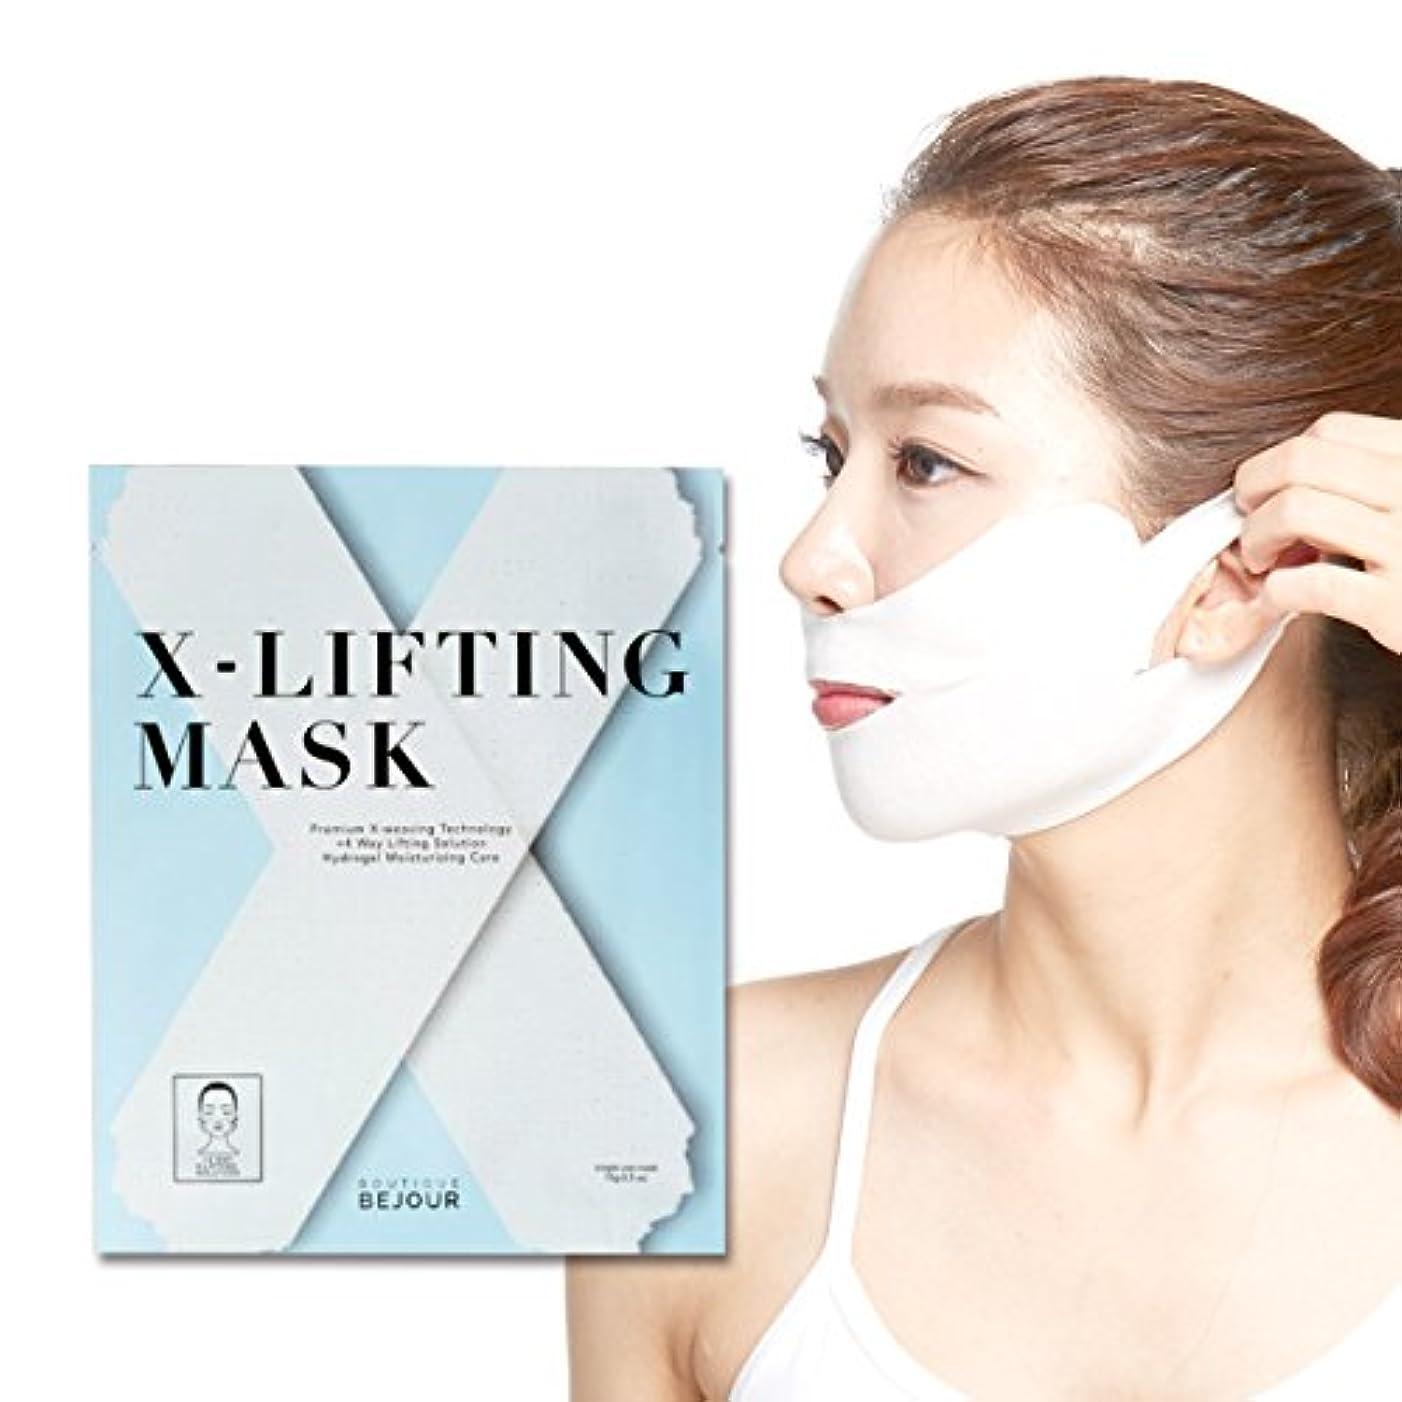 振り向くチャールズキージング木< ビジュール > X-Lifting (エックスリフティング) マスク [ リフトアップ フェイスマスク フェイスシート フェイスパック フェイシャルマスク シートマスク フェイシャルシート フェイシャルパック ローションマスク ローションパック 顔パック ]